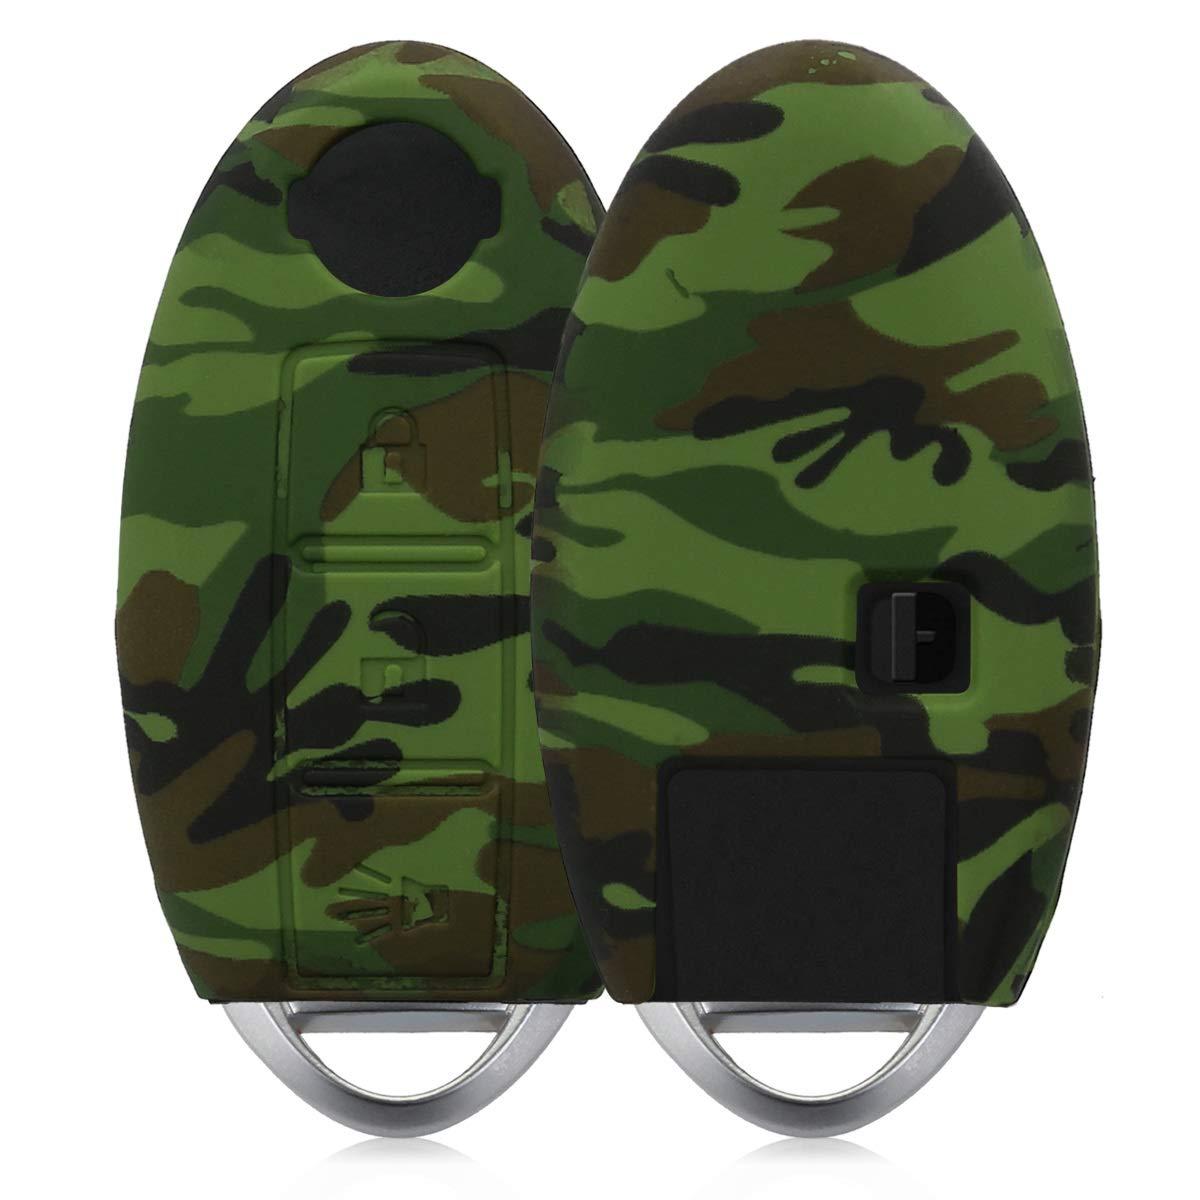 kwmobile Cover chiave auto per Nissan - protezione in silicone - Guscio protettivo coprichiave - Custodia per chiave Nissan con 3 tasti KW-Commerce 41618.01_m000691